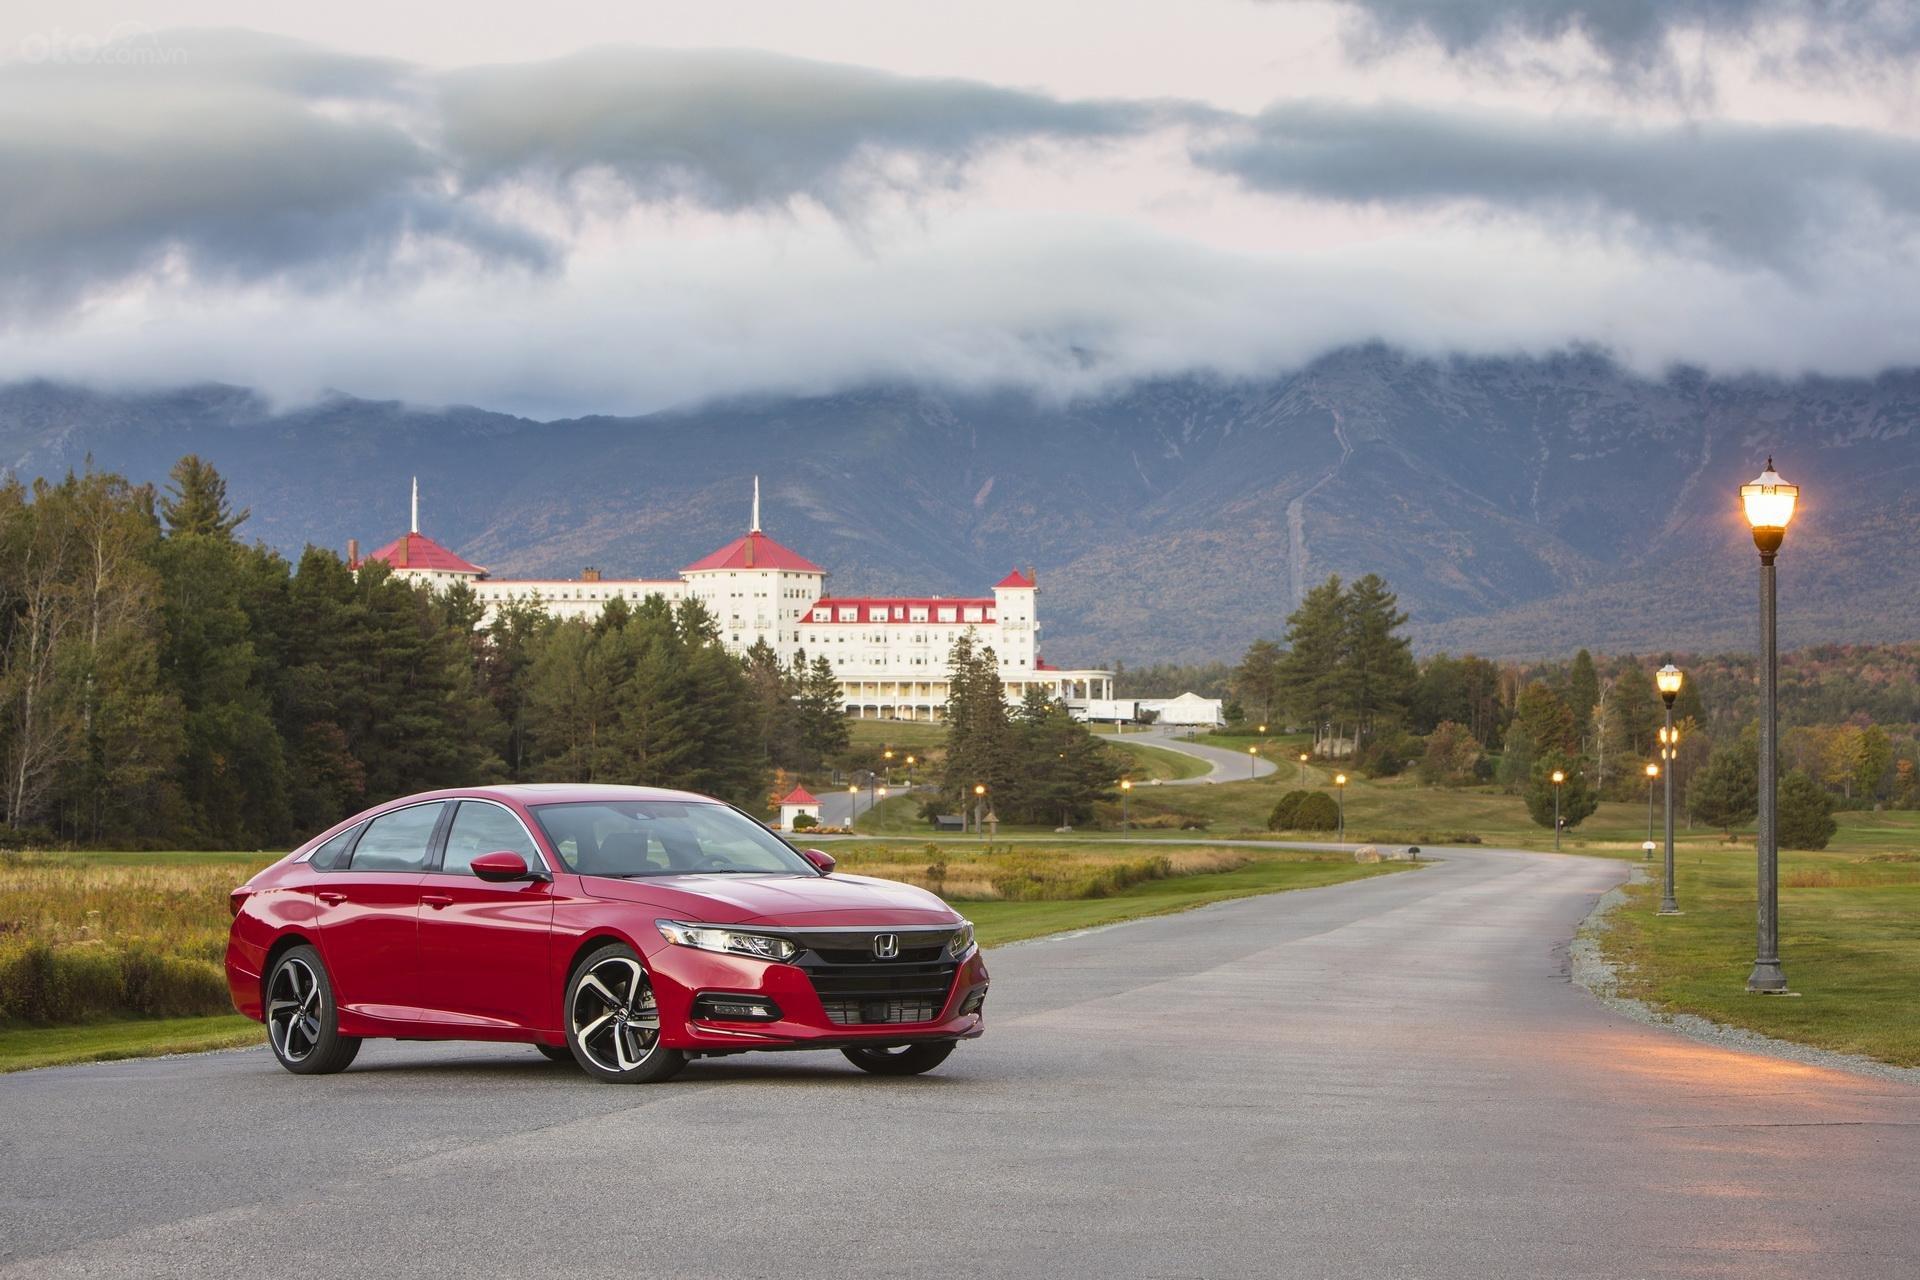 Honda Accord ảnh tĩnh màu đỏ